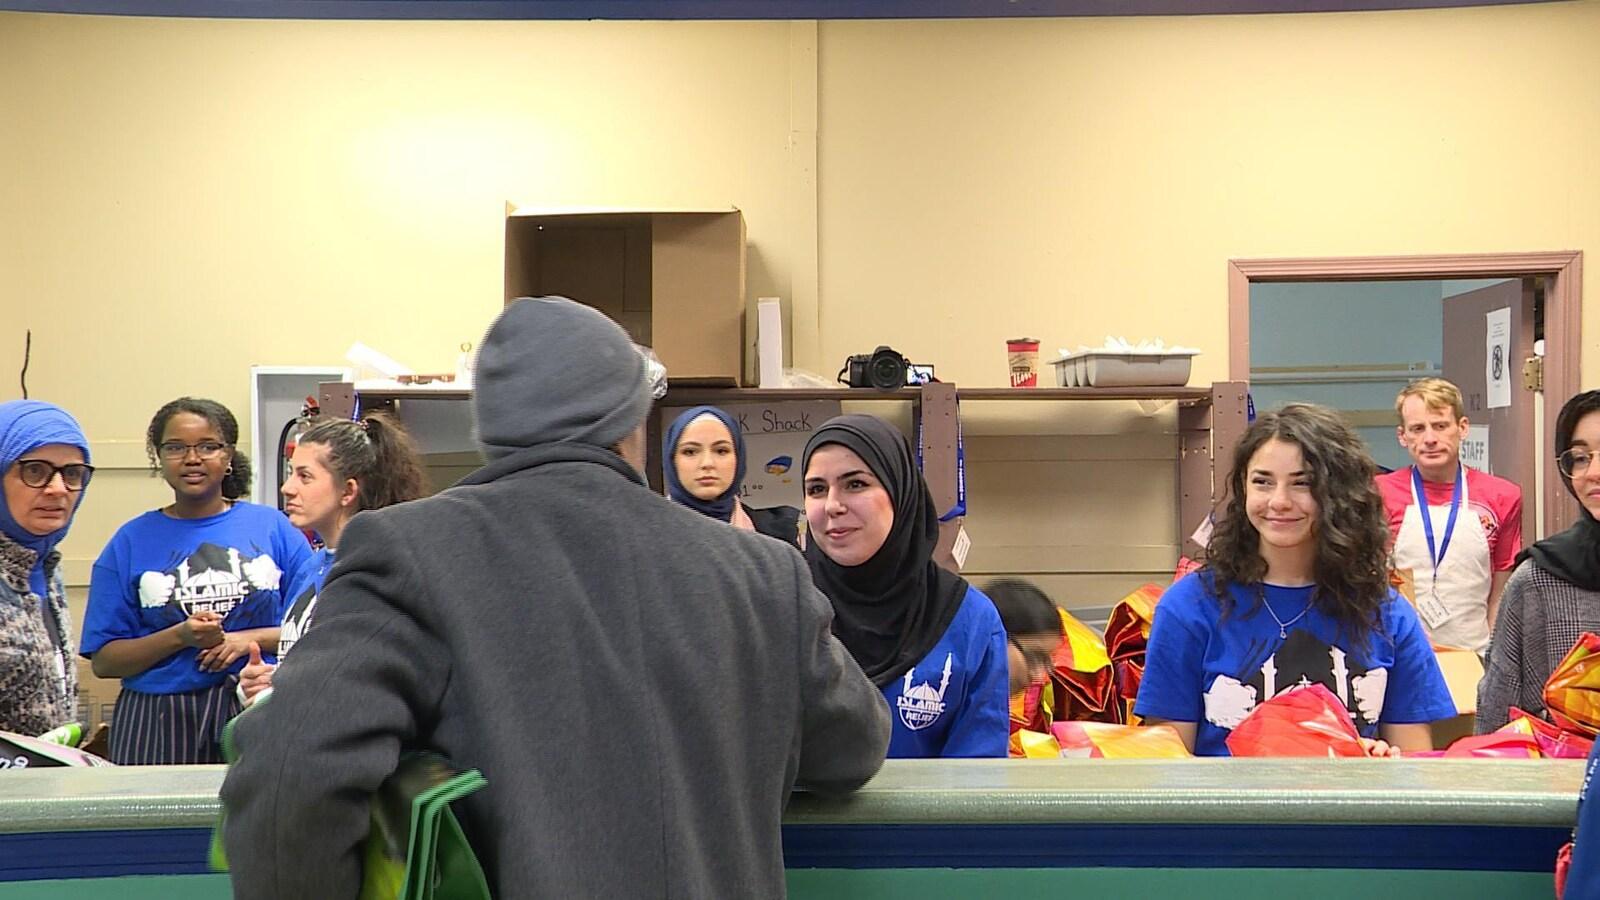 Des bénévoles d'Islamic Relief Canada, certaines portant le hijab, d'autres non, distribuent une trousse à un client du centre communautaire.